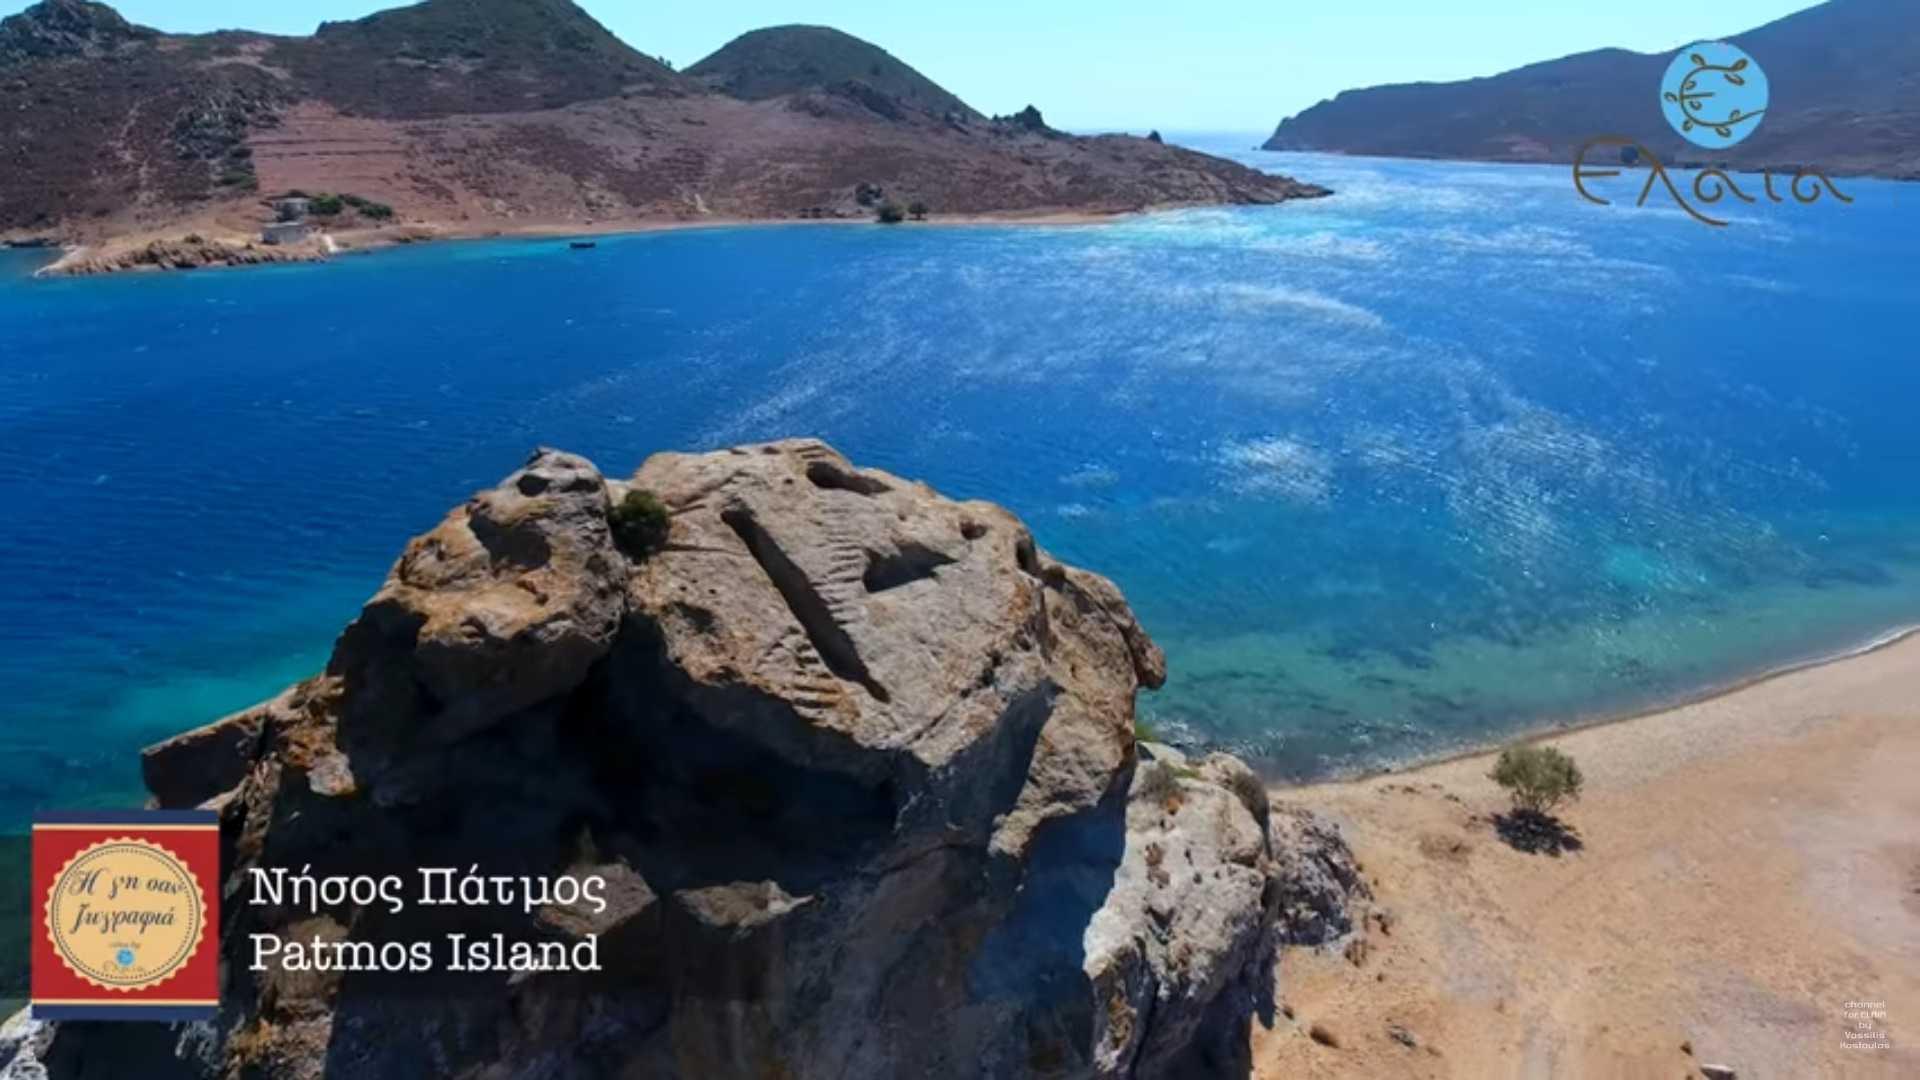 Πετώντας πάνω από την Πάτμο: Ένα εντυπωσιακό βίντεο από τον νησί της Αποκάλυψης